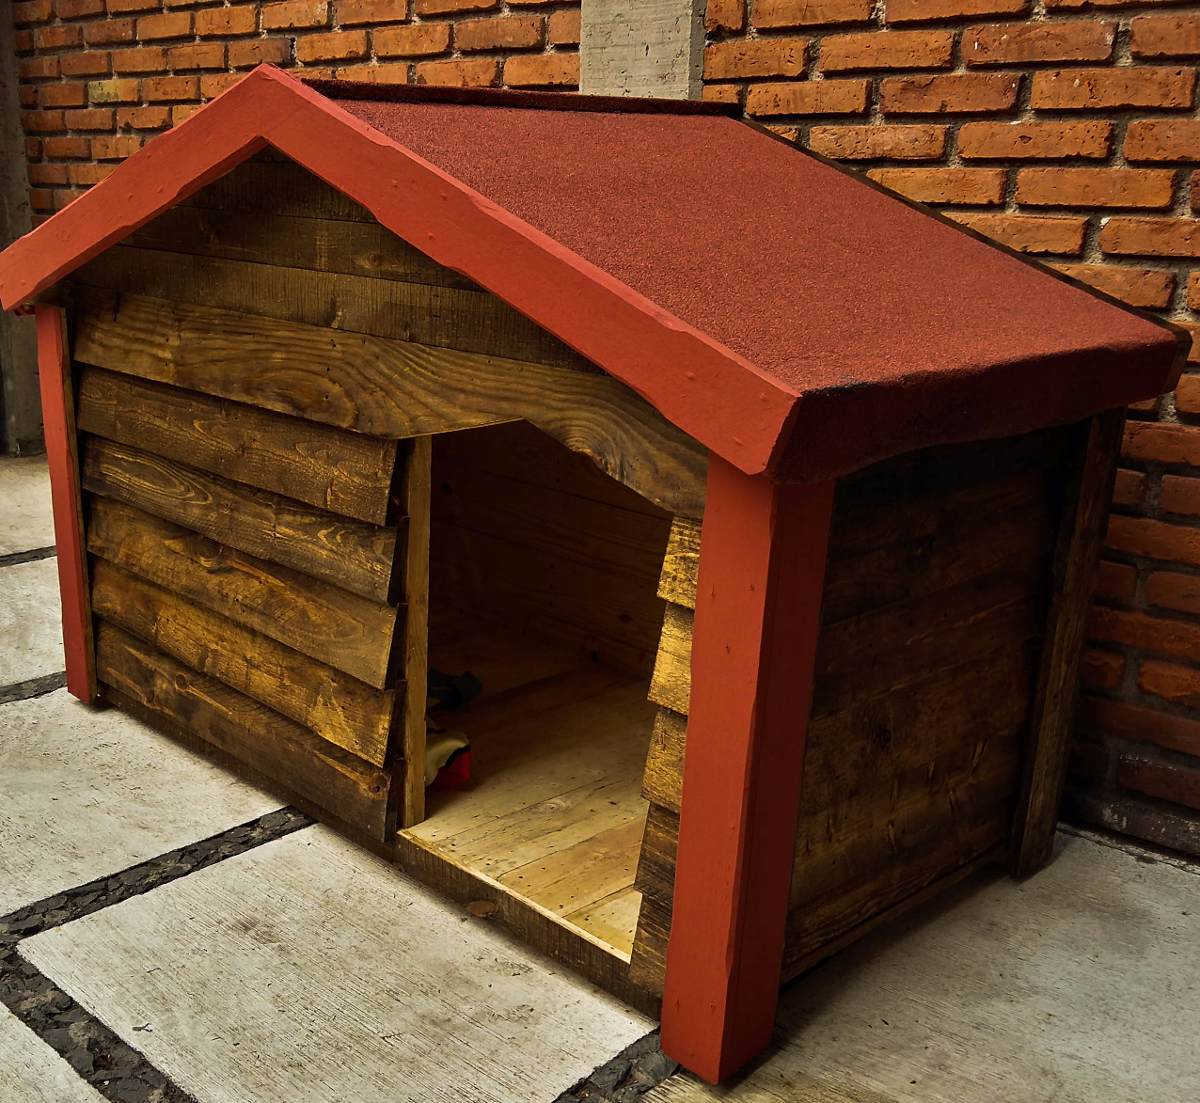 Casa de madera para perro extra grande 3 en Casas para perros de madera